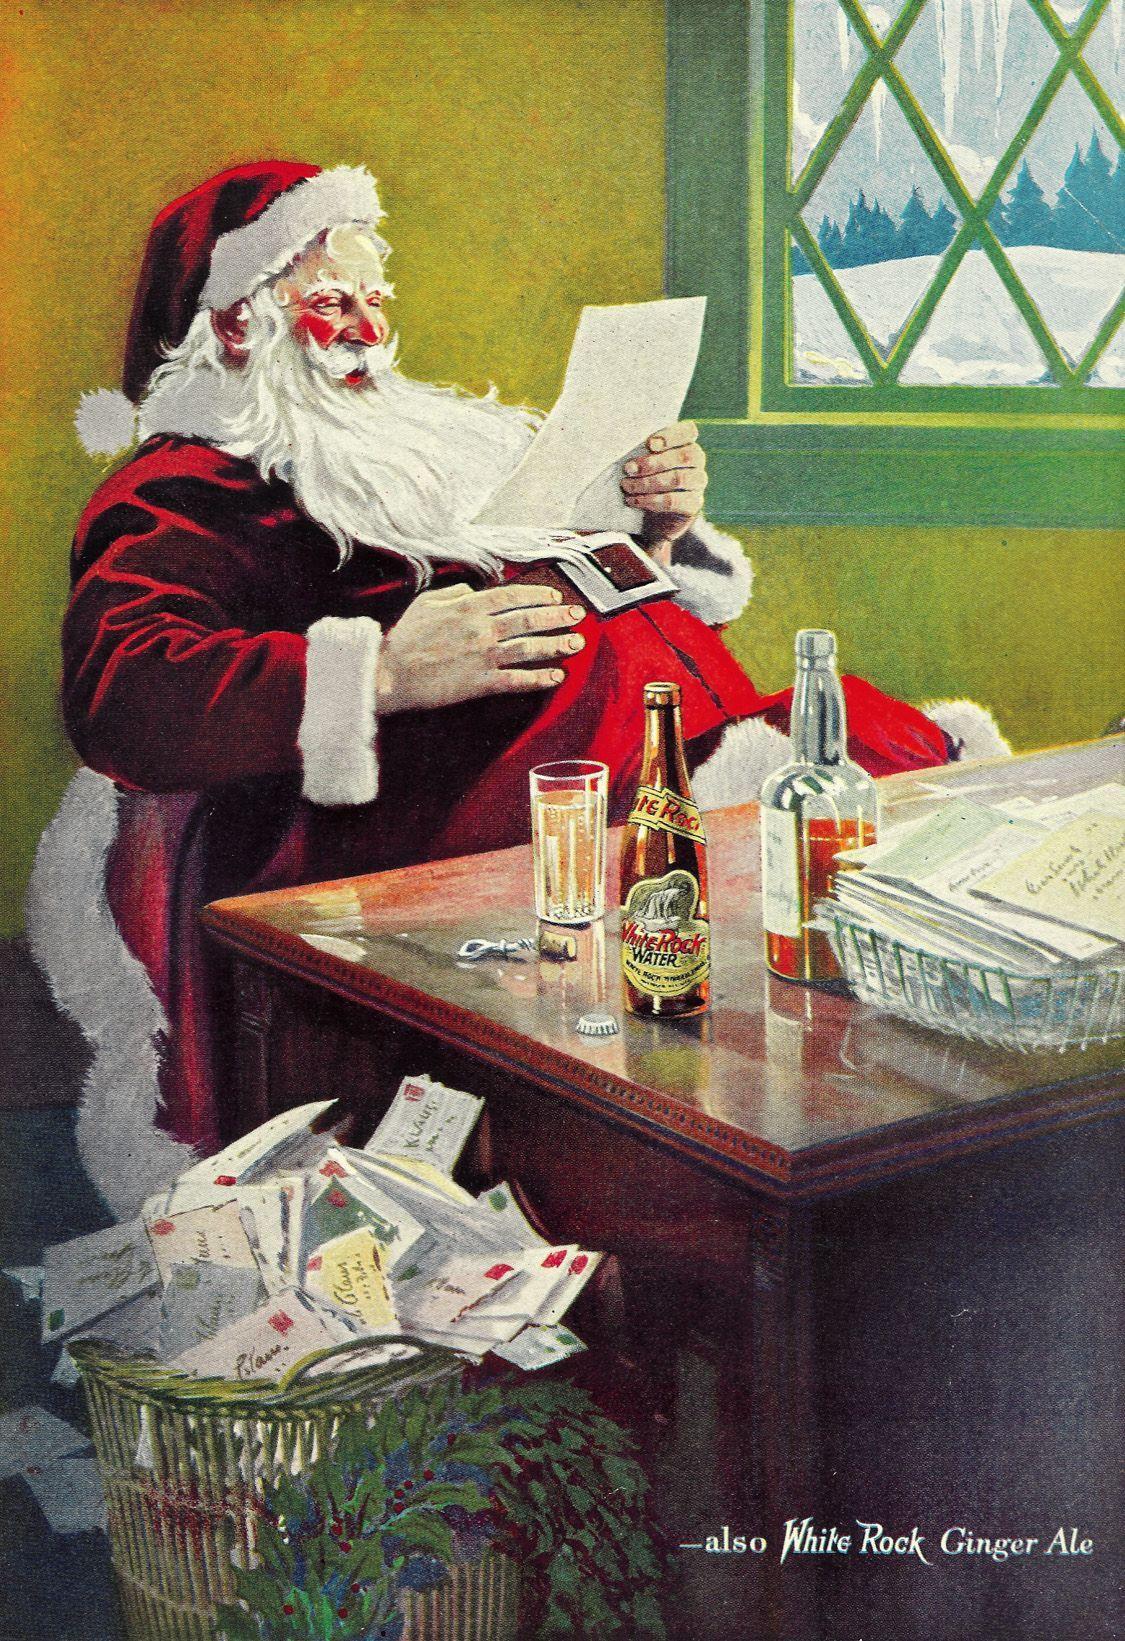 Weihnachtsmann: Wirklich Eine Erfindung Von Coca Cola? - Der mit Welche Farbe Hatte Das Gewand Des Weihnachtsmanns Ursprünglich